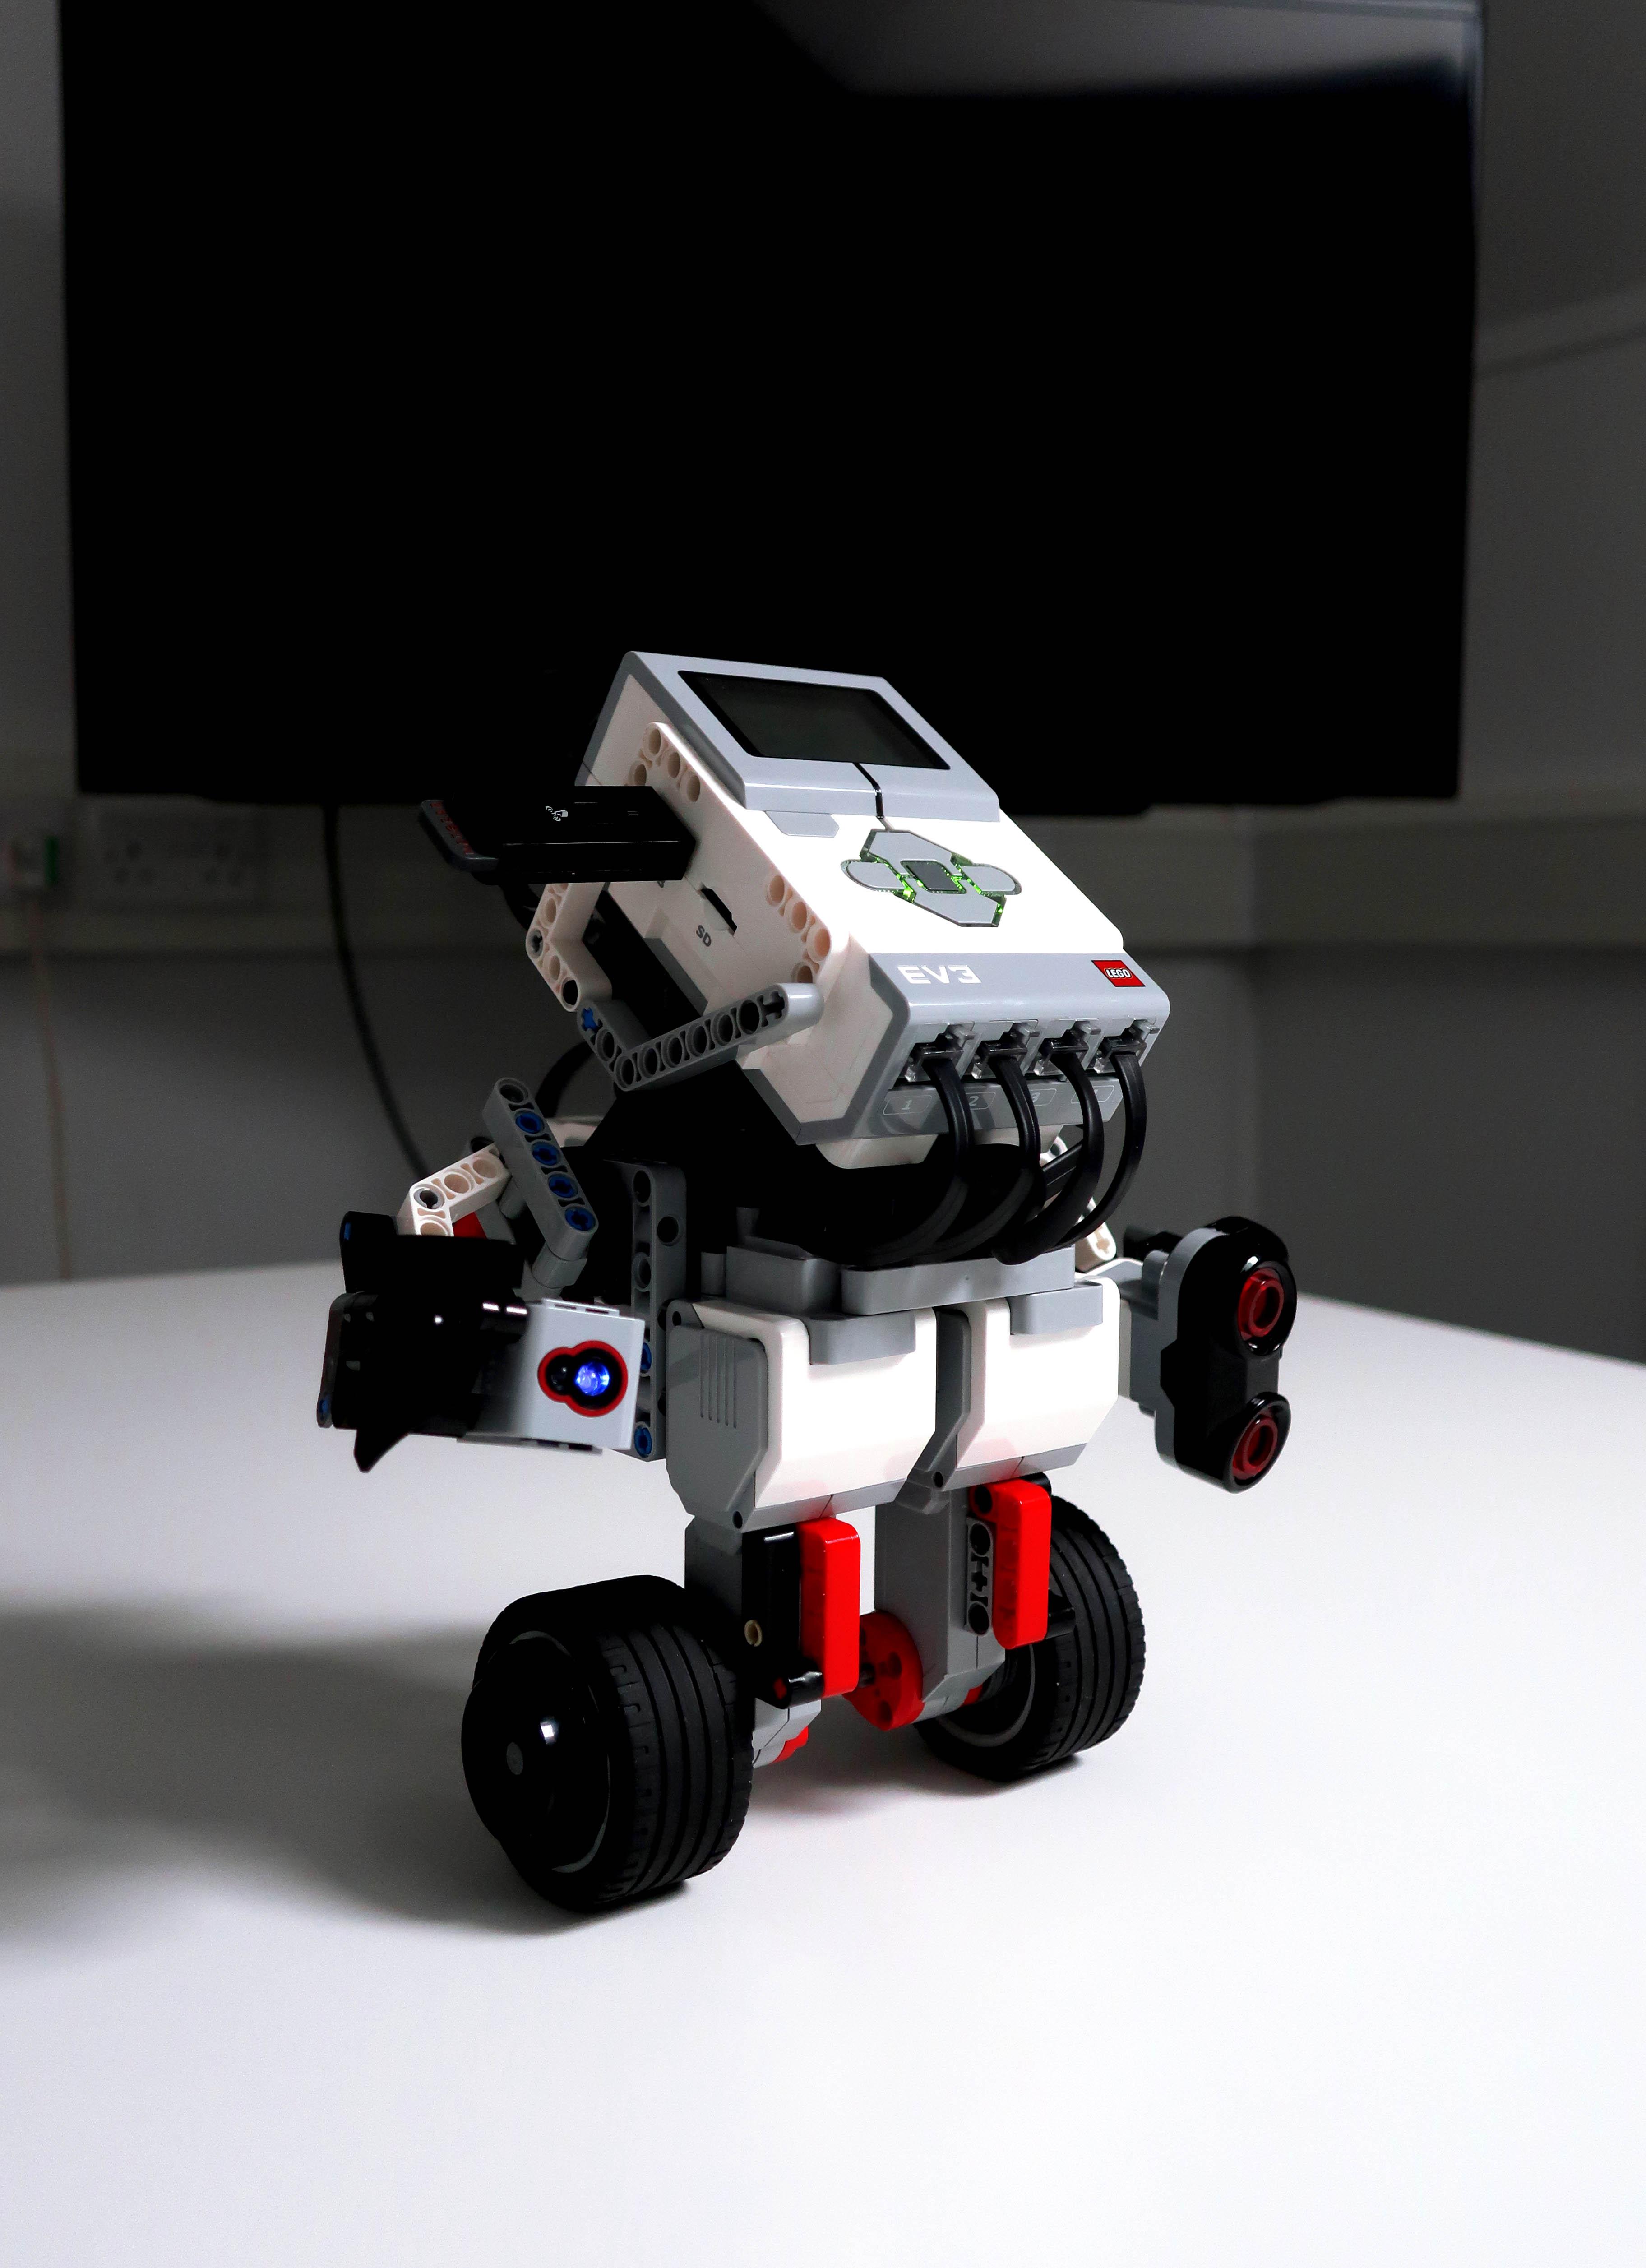 Lego Mindstorms EV3 Gyroboy - File Exchange - MATLAB Central